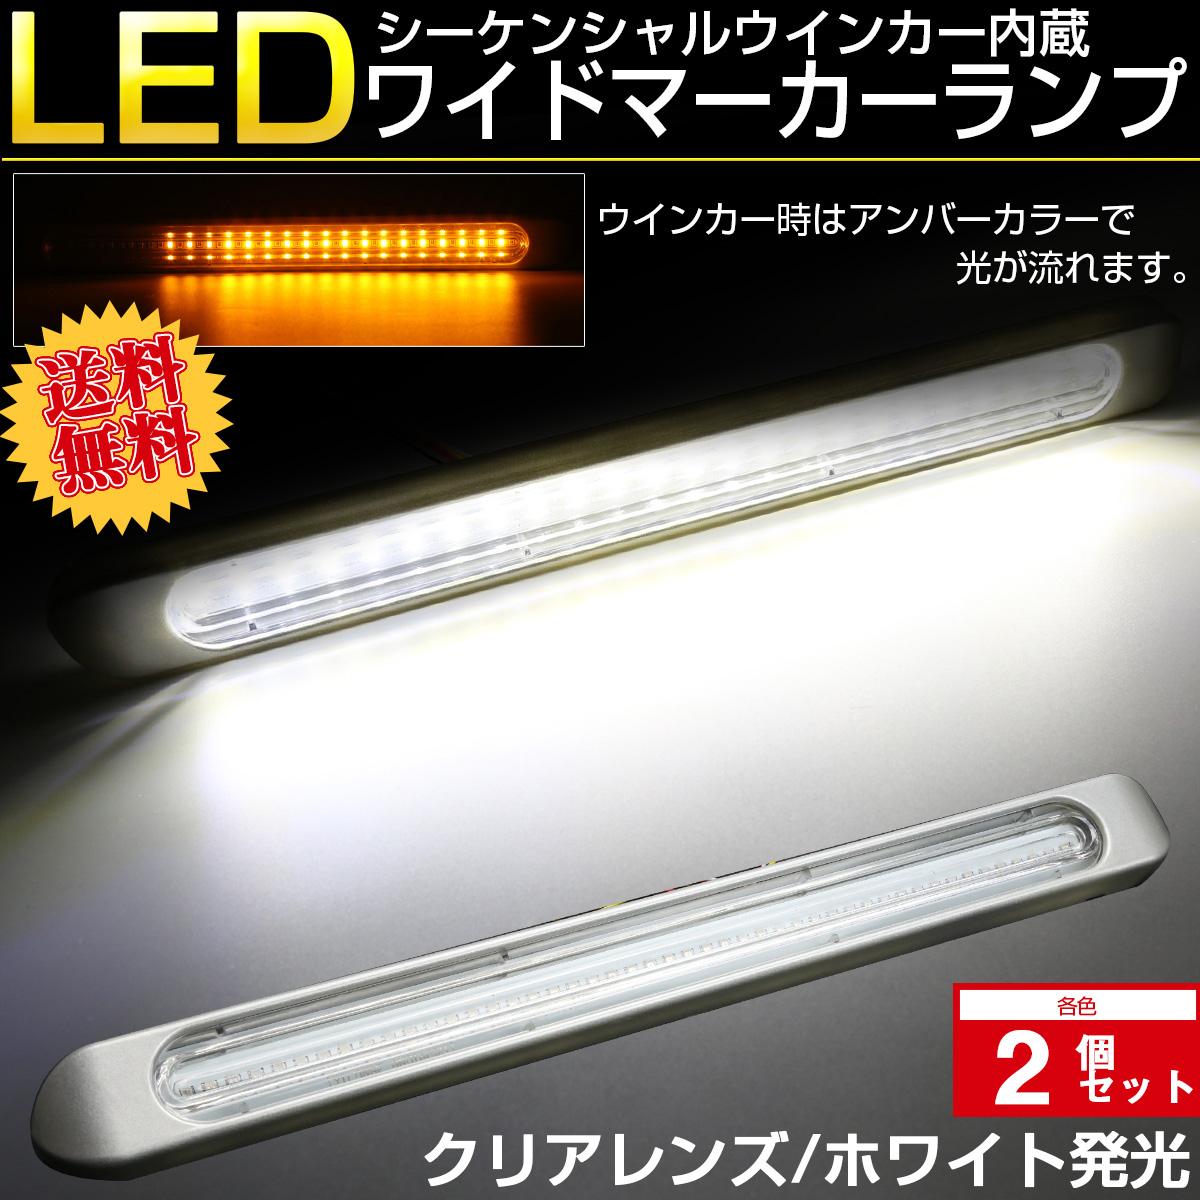 【送料無料】 2個セット LED 汎用 マーカーランプ クリアレンズ ホワイト発光 シーケンシャルウインカー機能 12V 24V兼用 防水 F-91-2SET